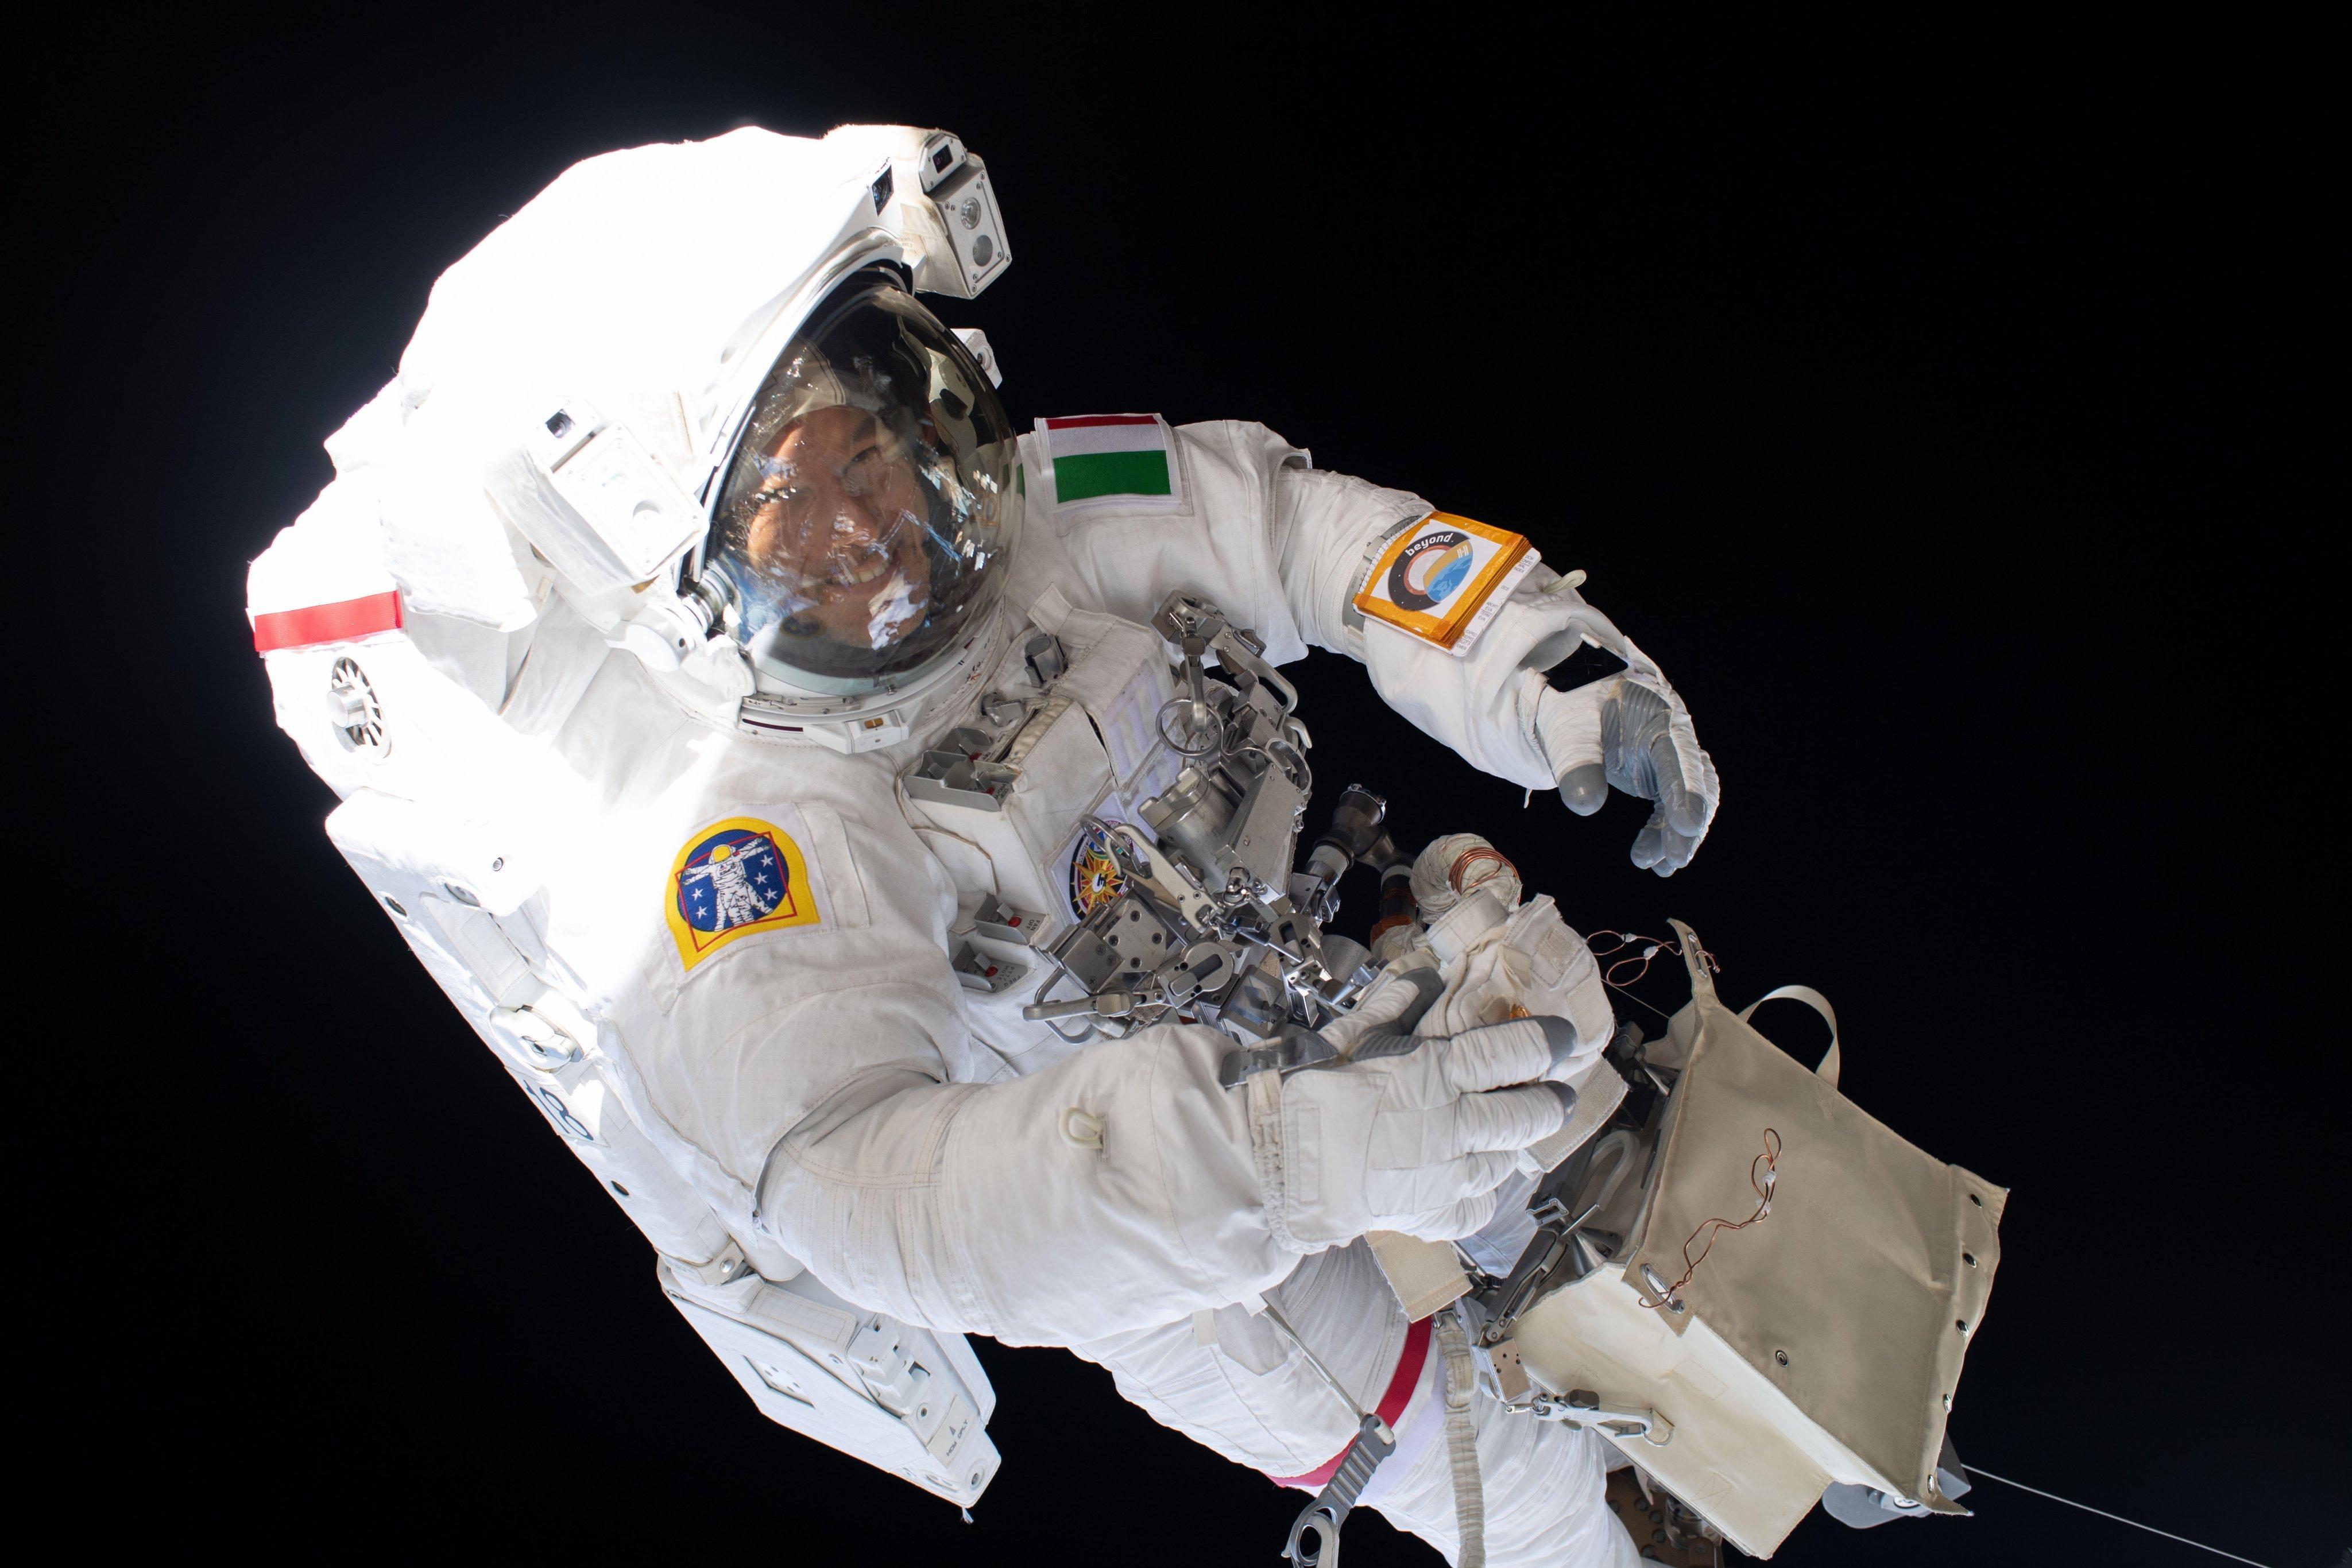 Caminata espacial rayos cosmicos